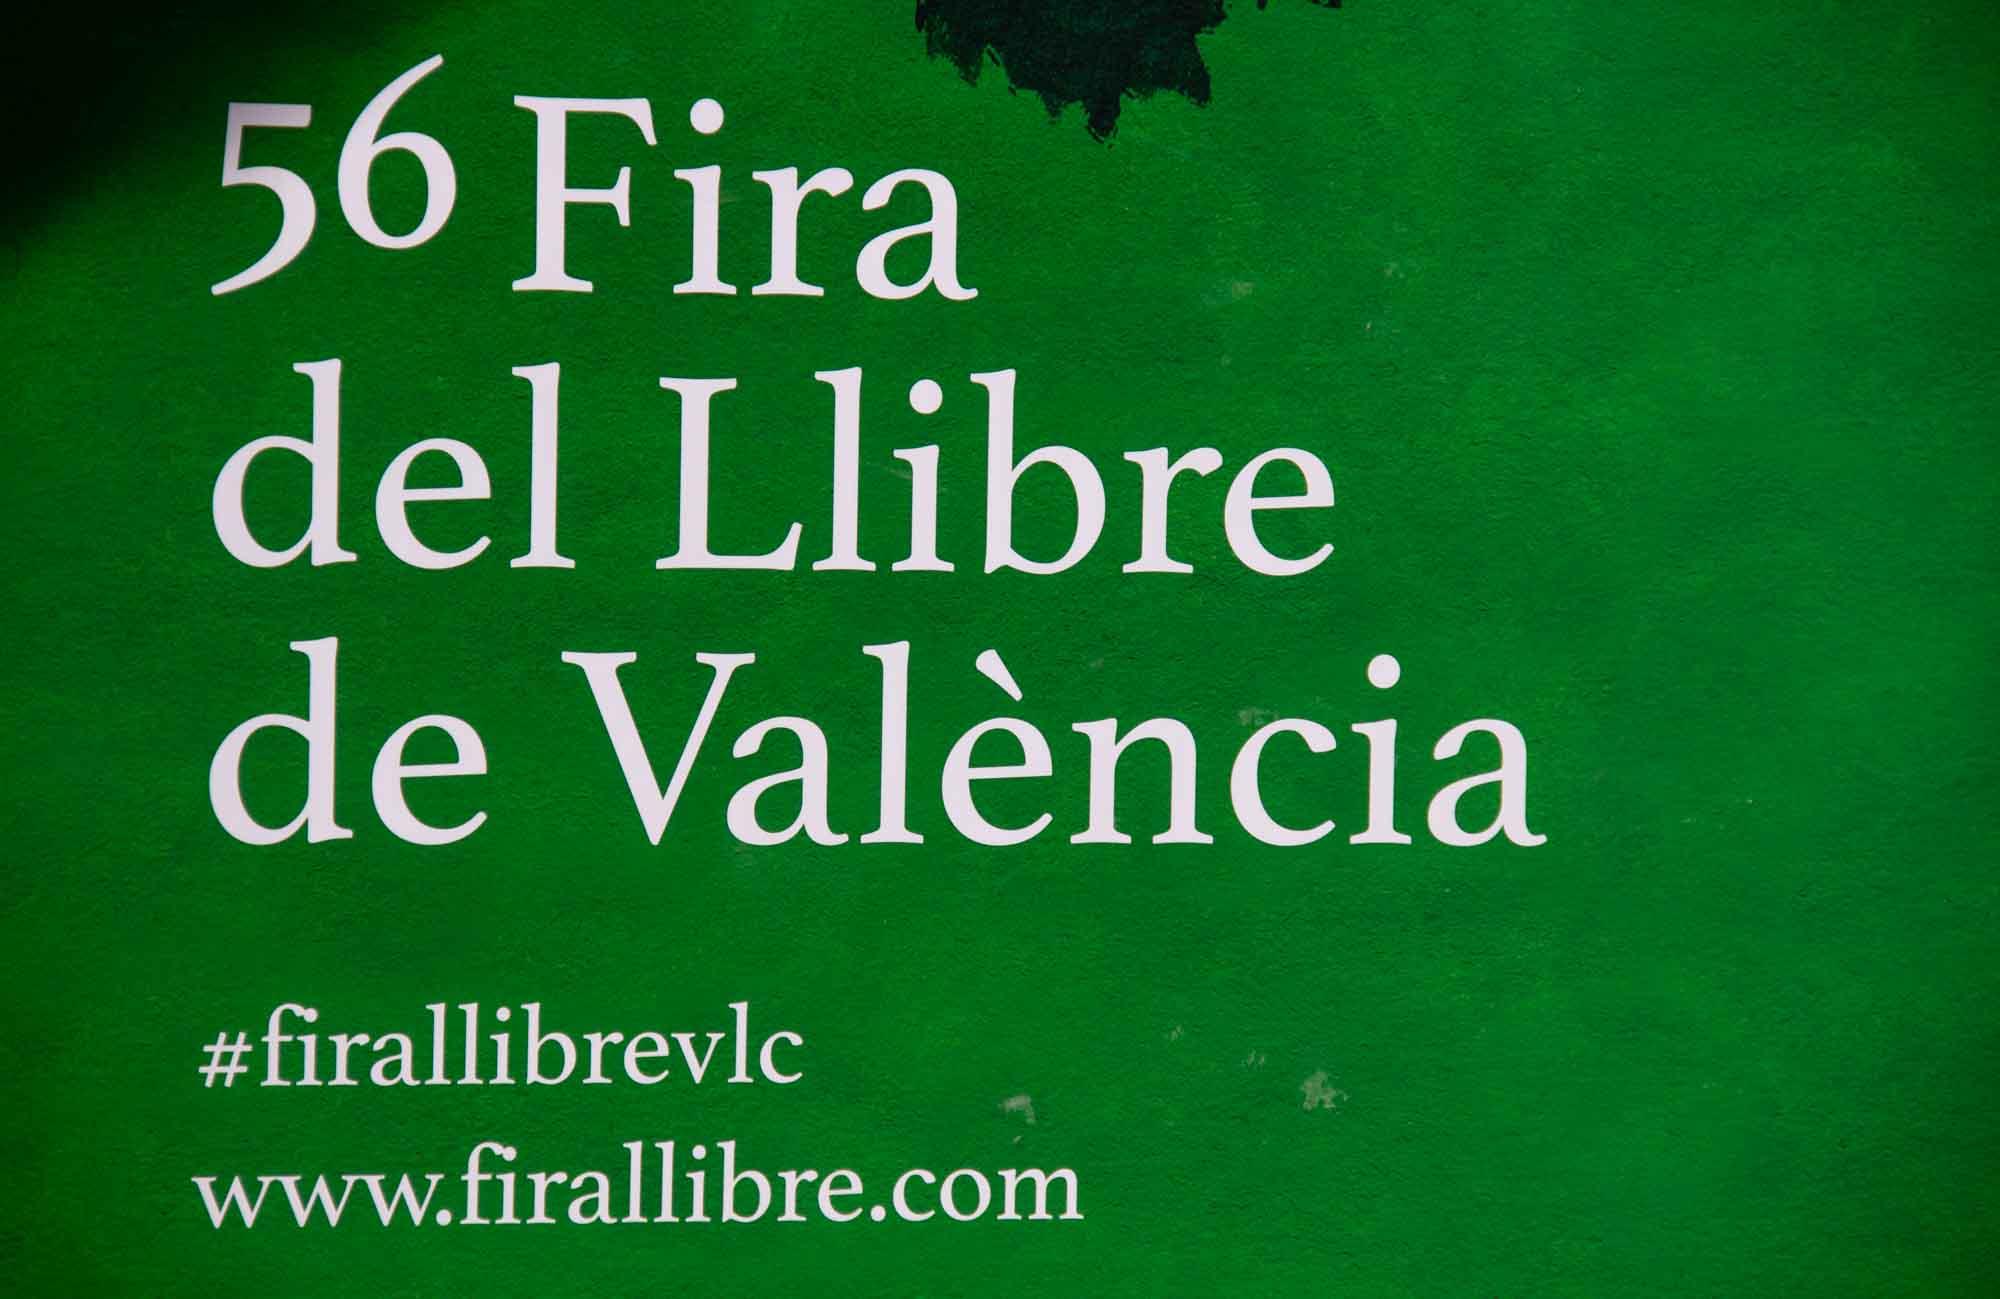 Inauguració de la 56 Fira del Llibre de València - imatge 0